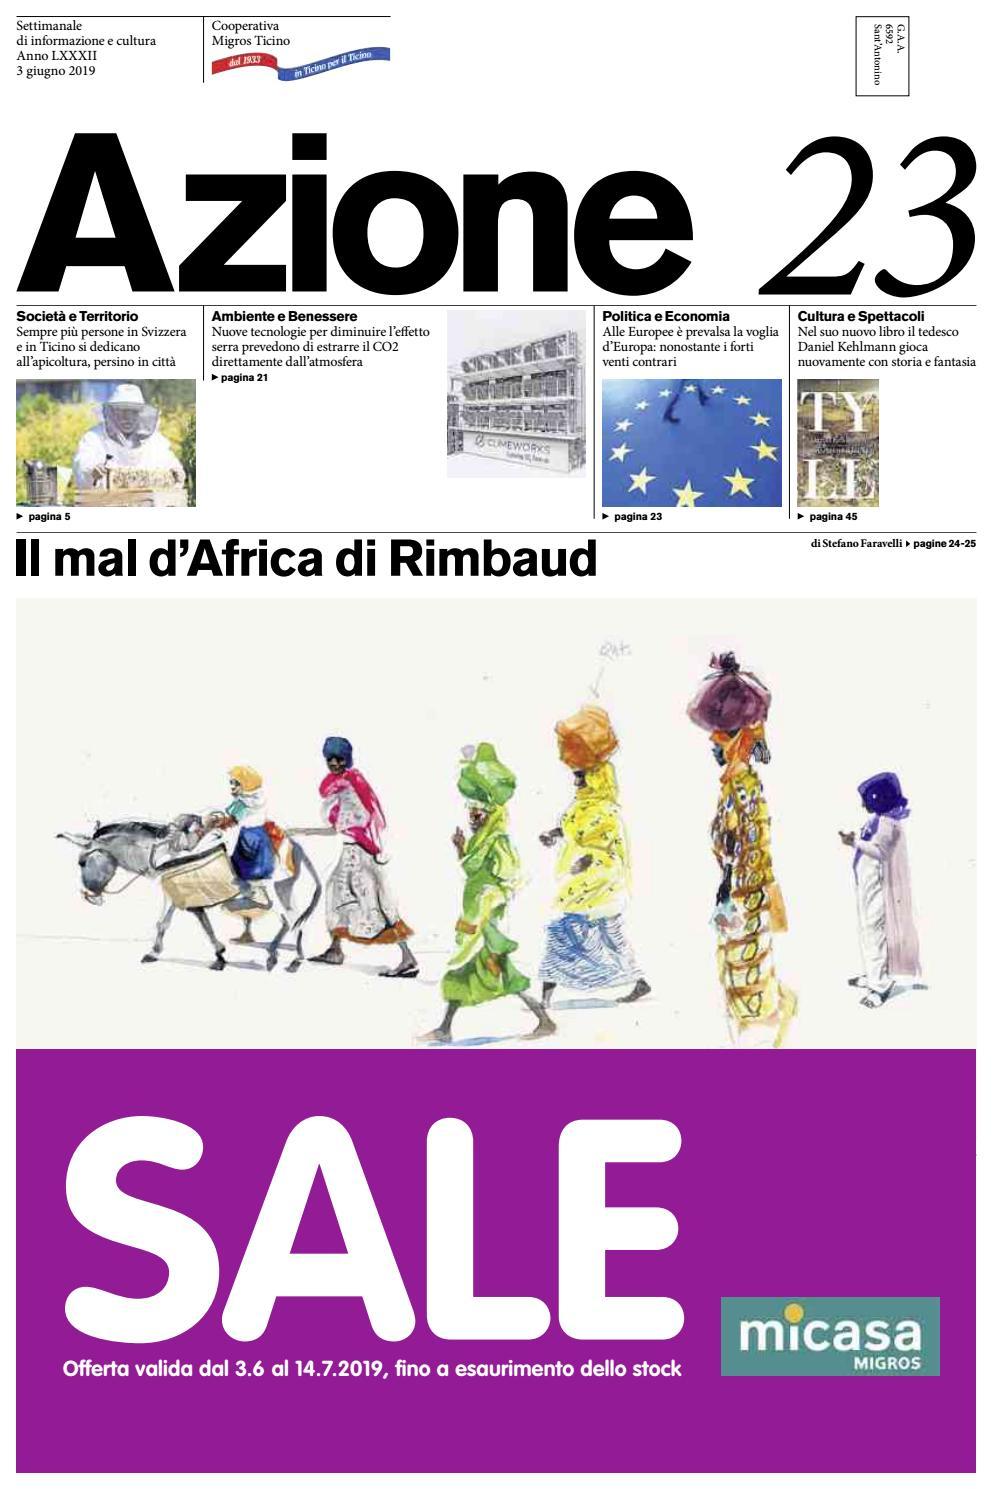 e2f5121fe8 Azione 23 del 3 giugno 2019 by Azione, Settimanale di Migros Ticino - issuu